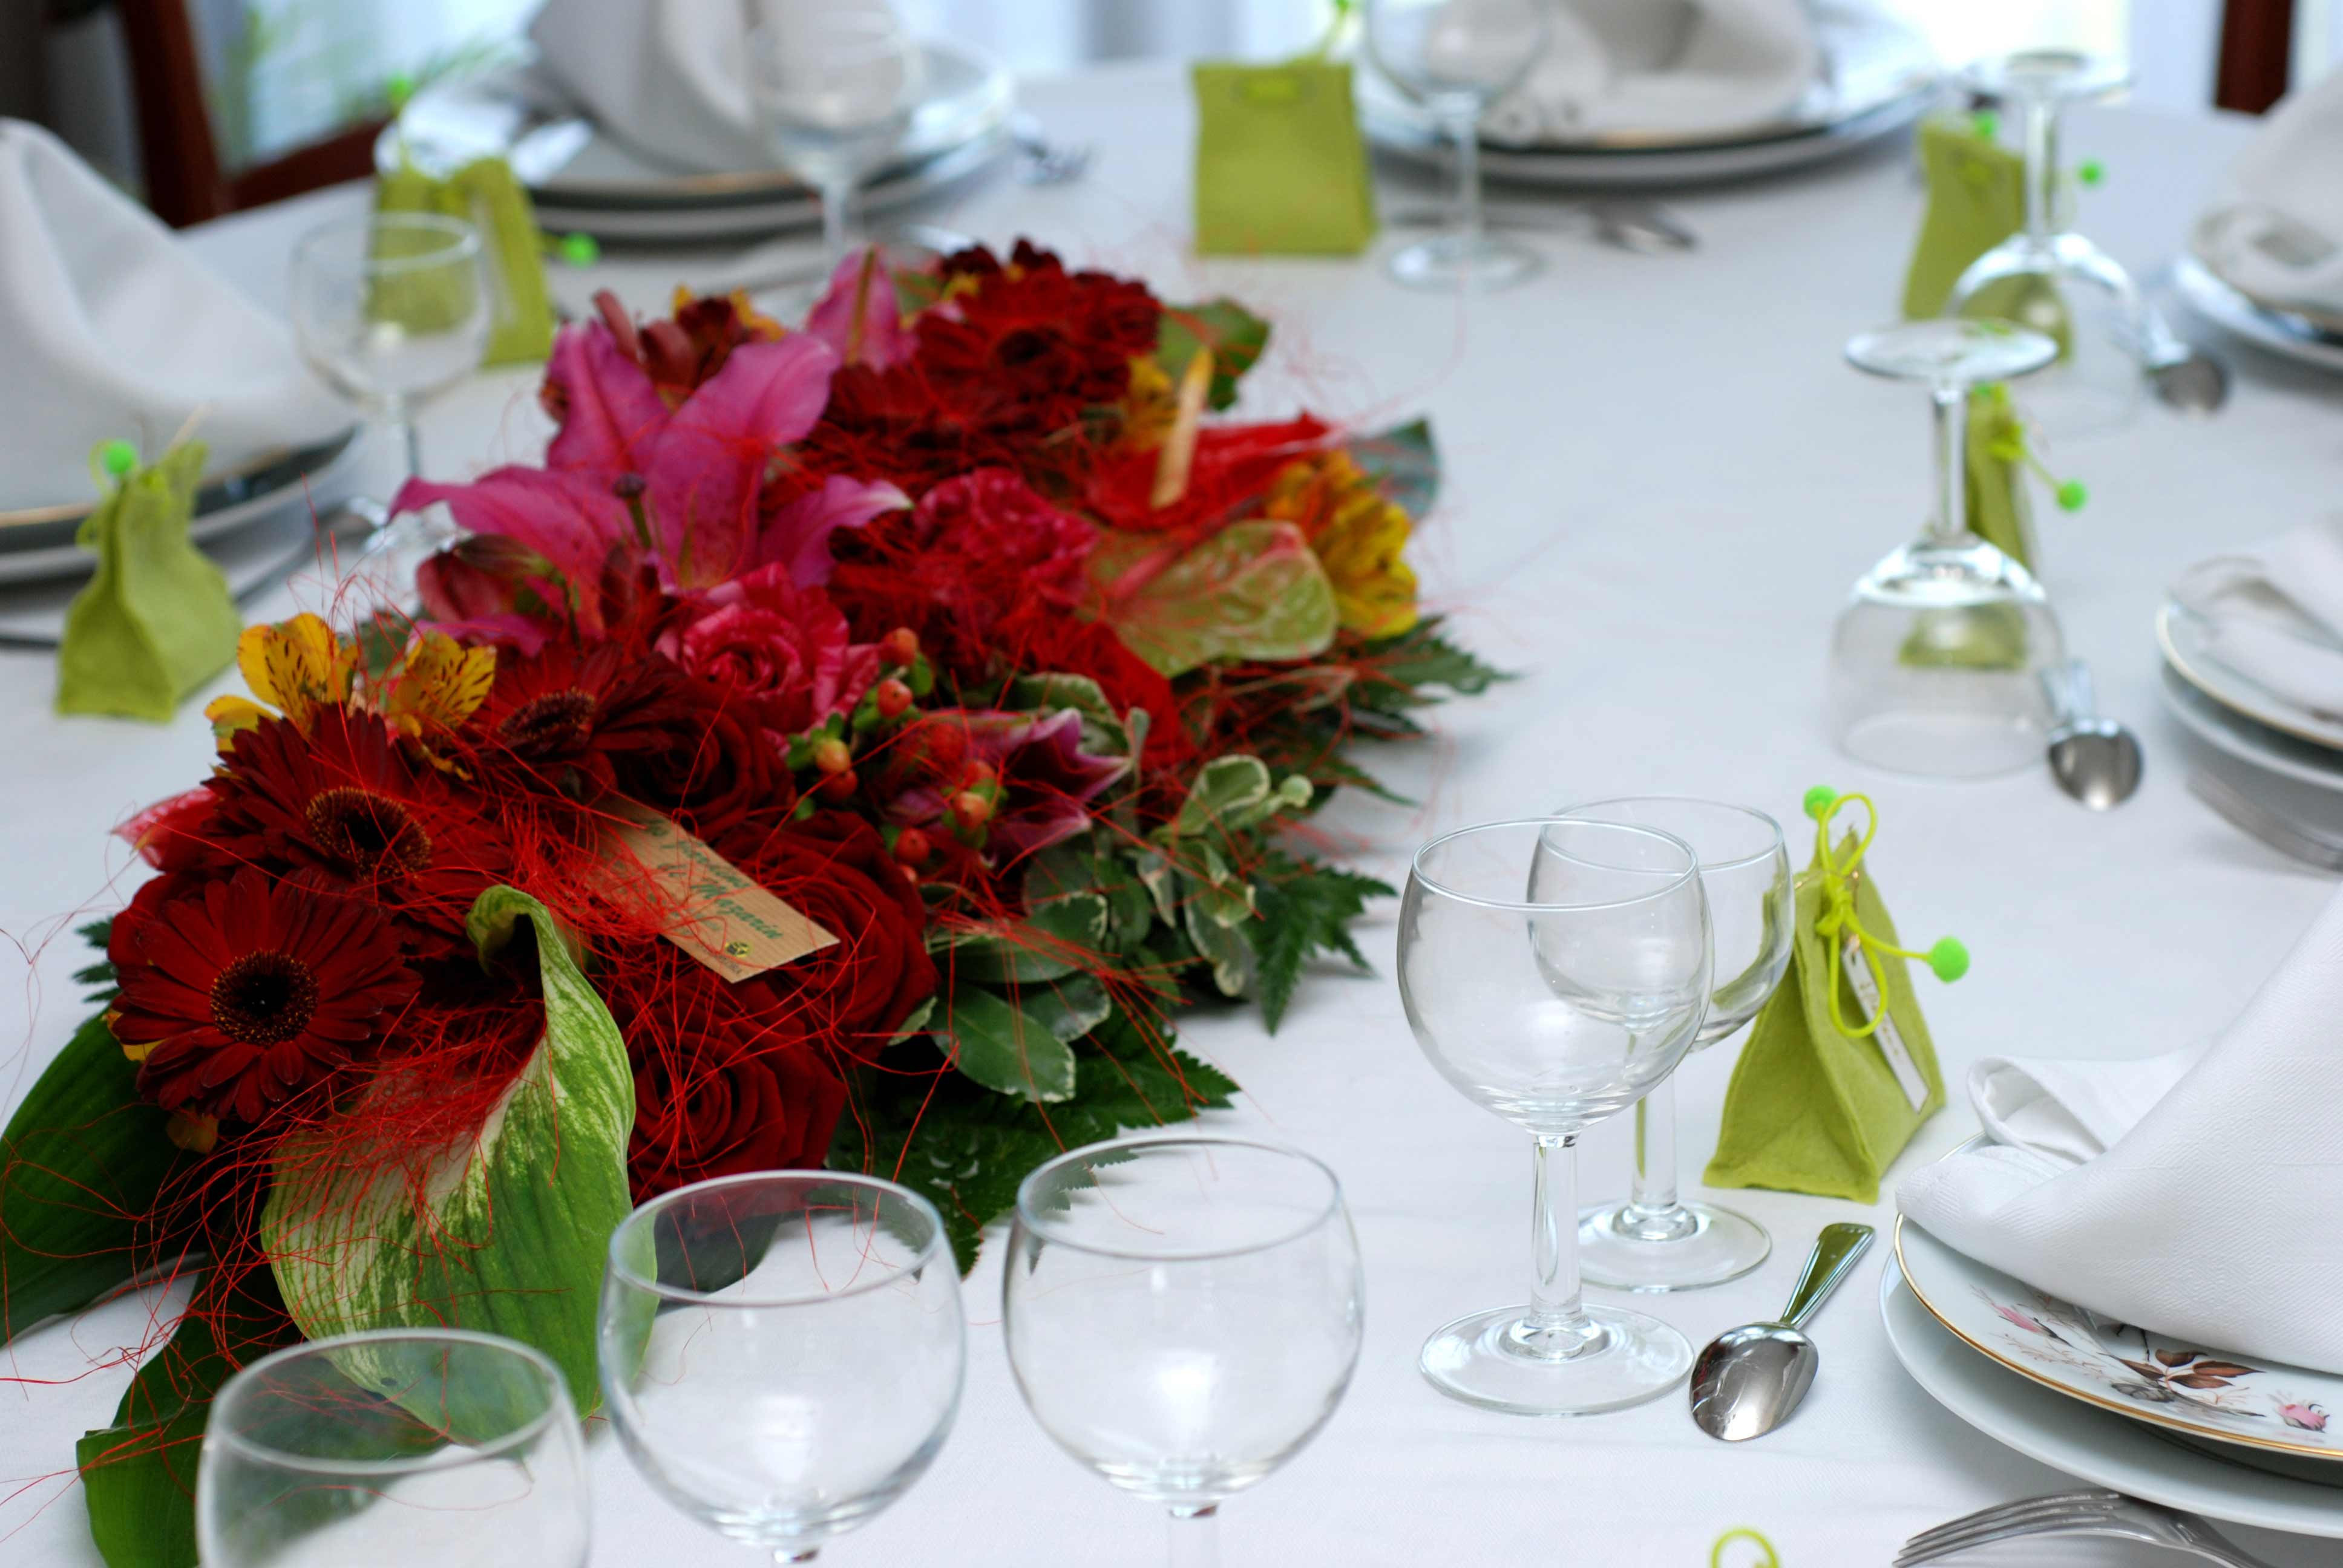 Hochzeit Blumen Tischdeko  Hochzeit Tischdeko Blumen Galerie Hochzeitsportal24